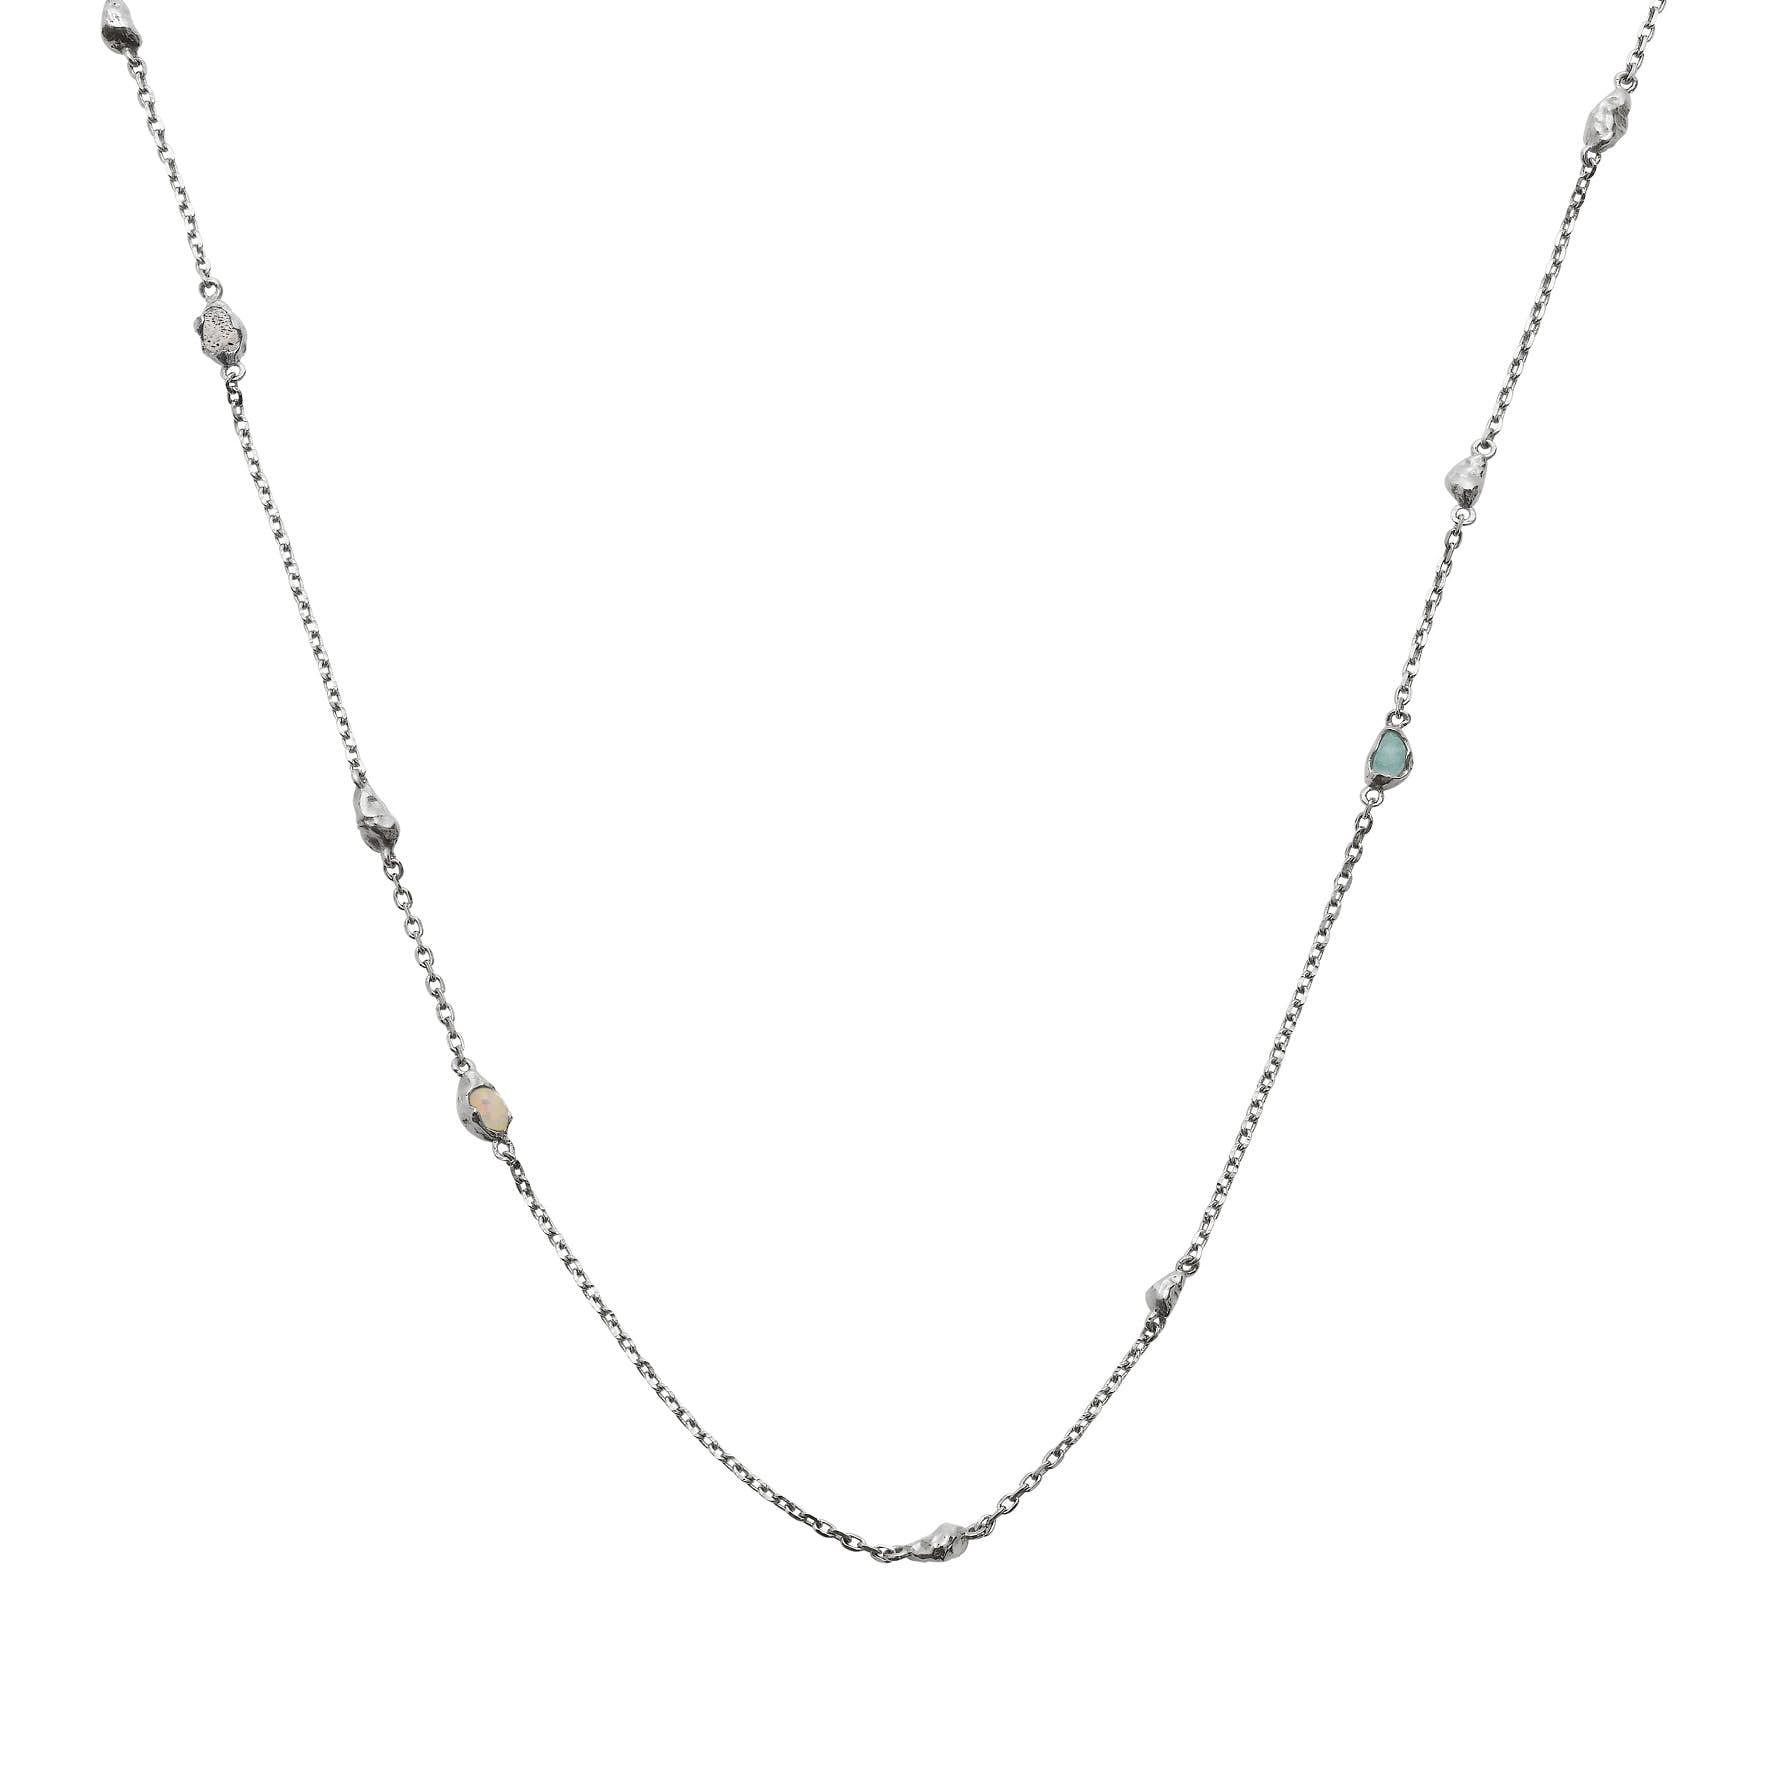 Zadie Necklace von Maanesten in Silber Sterling 925